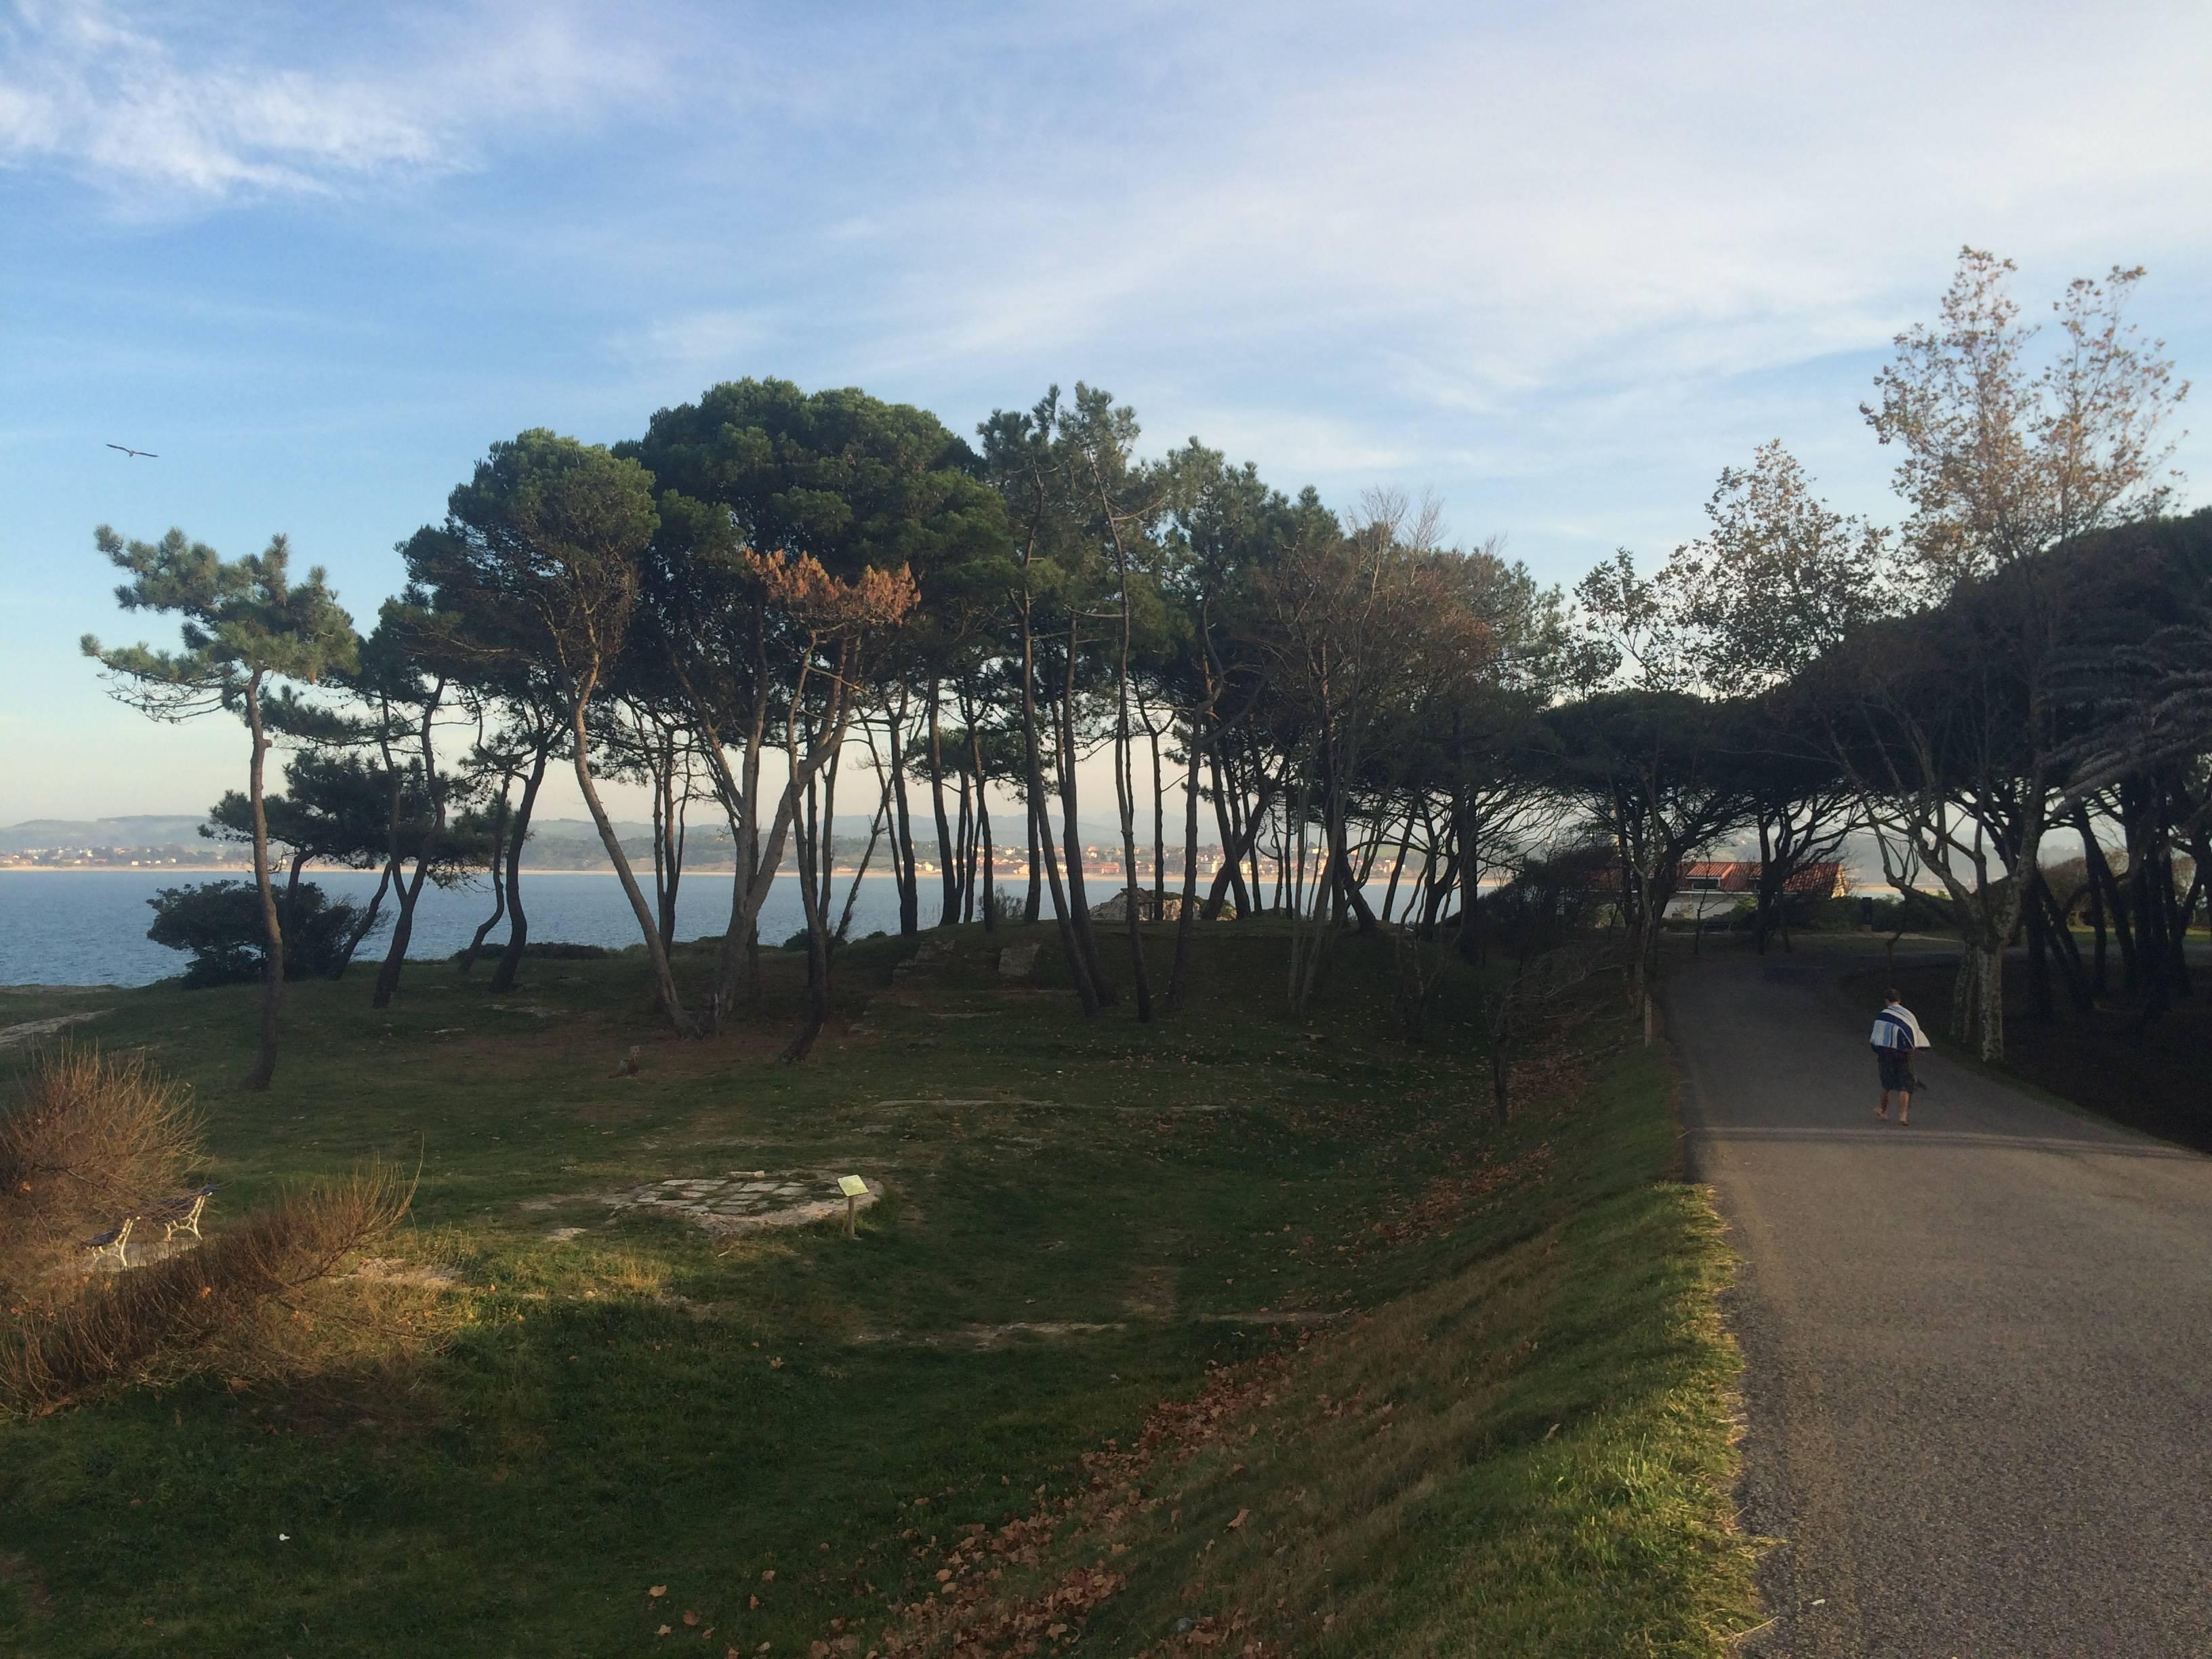 Photo 2: Le Parc de la Magdalena